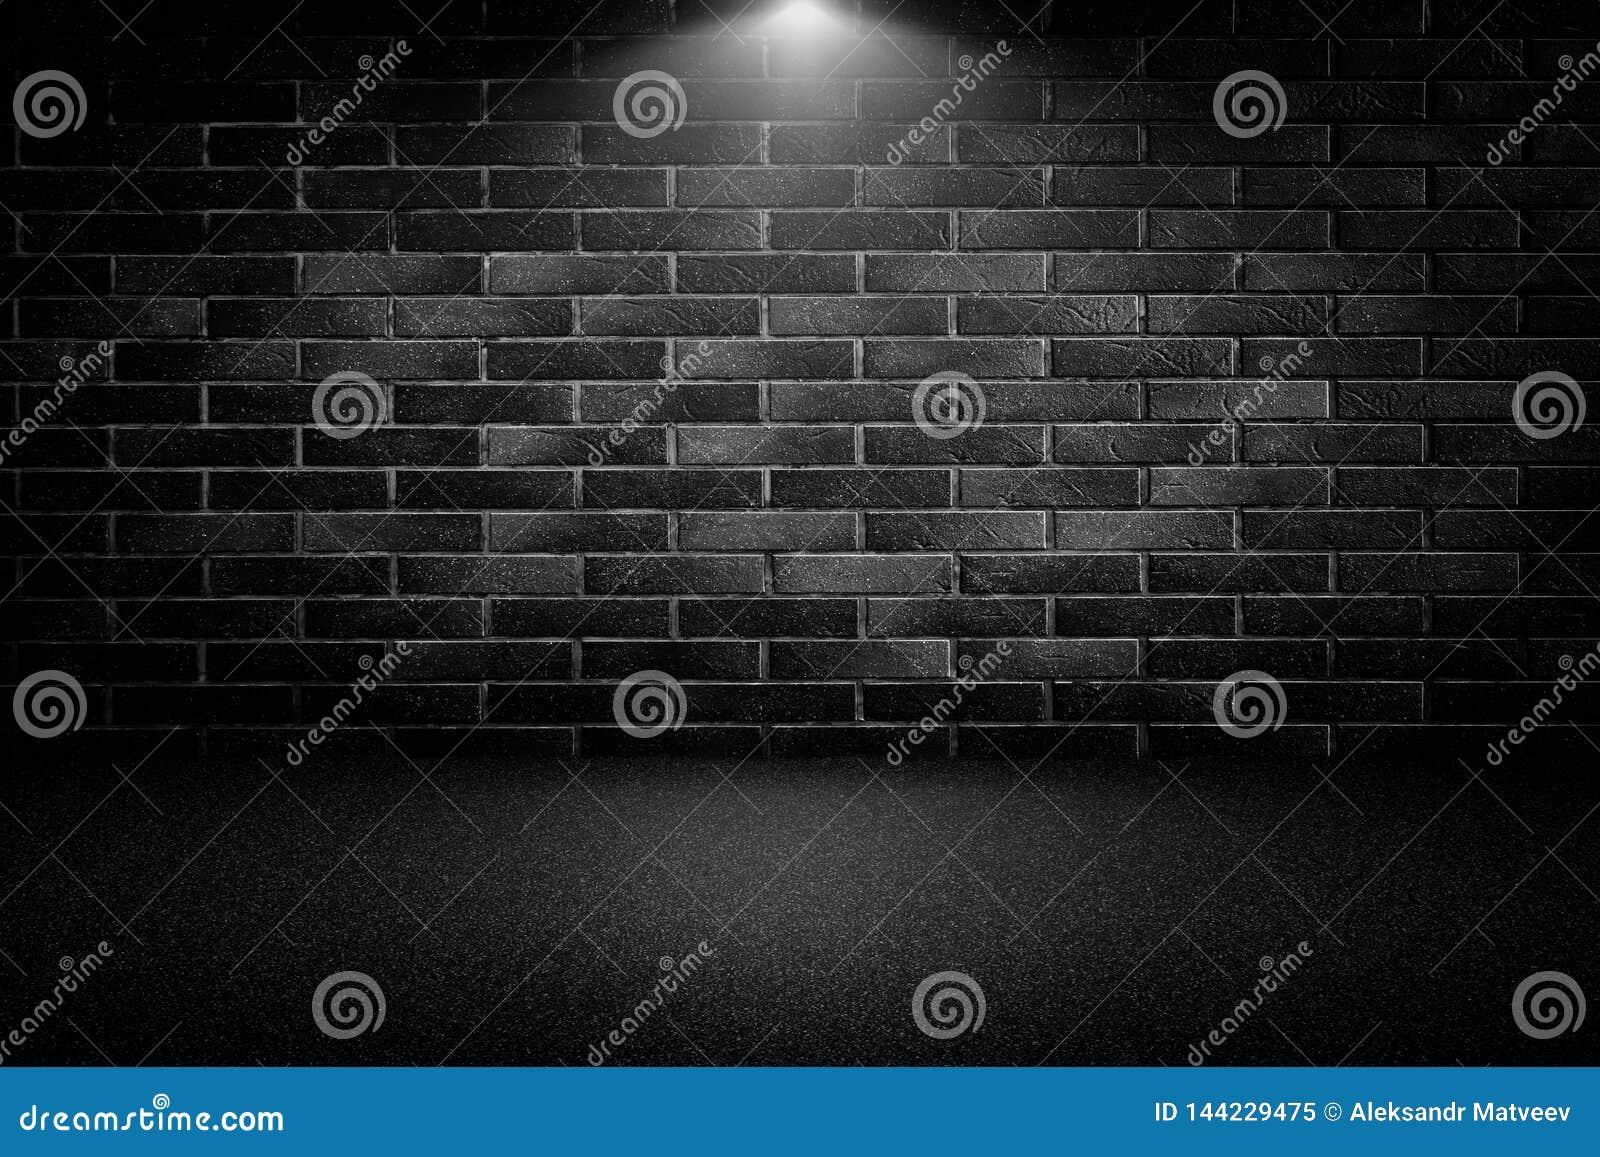 Projetores altamente contrastados em uma parede de tijolo preta exterior